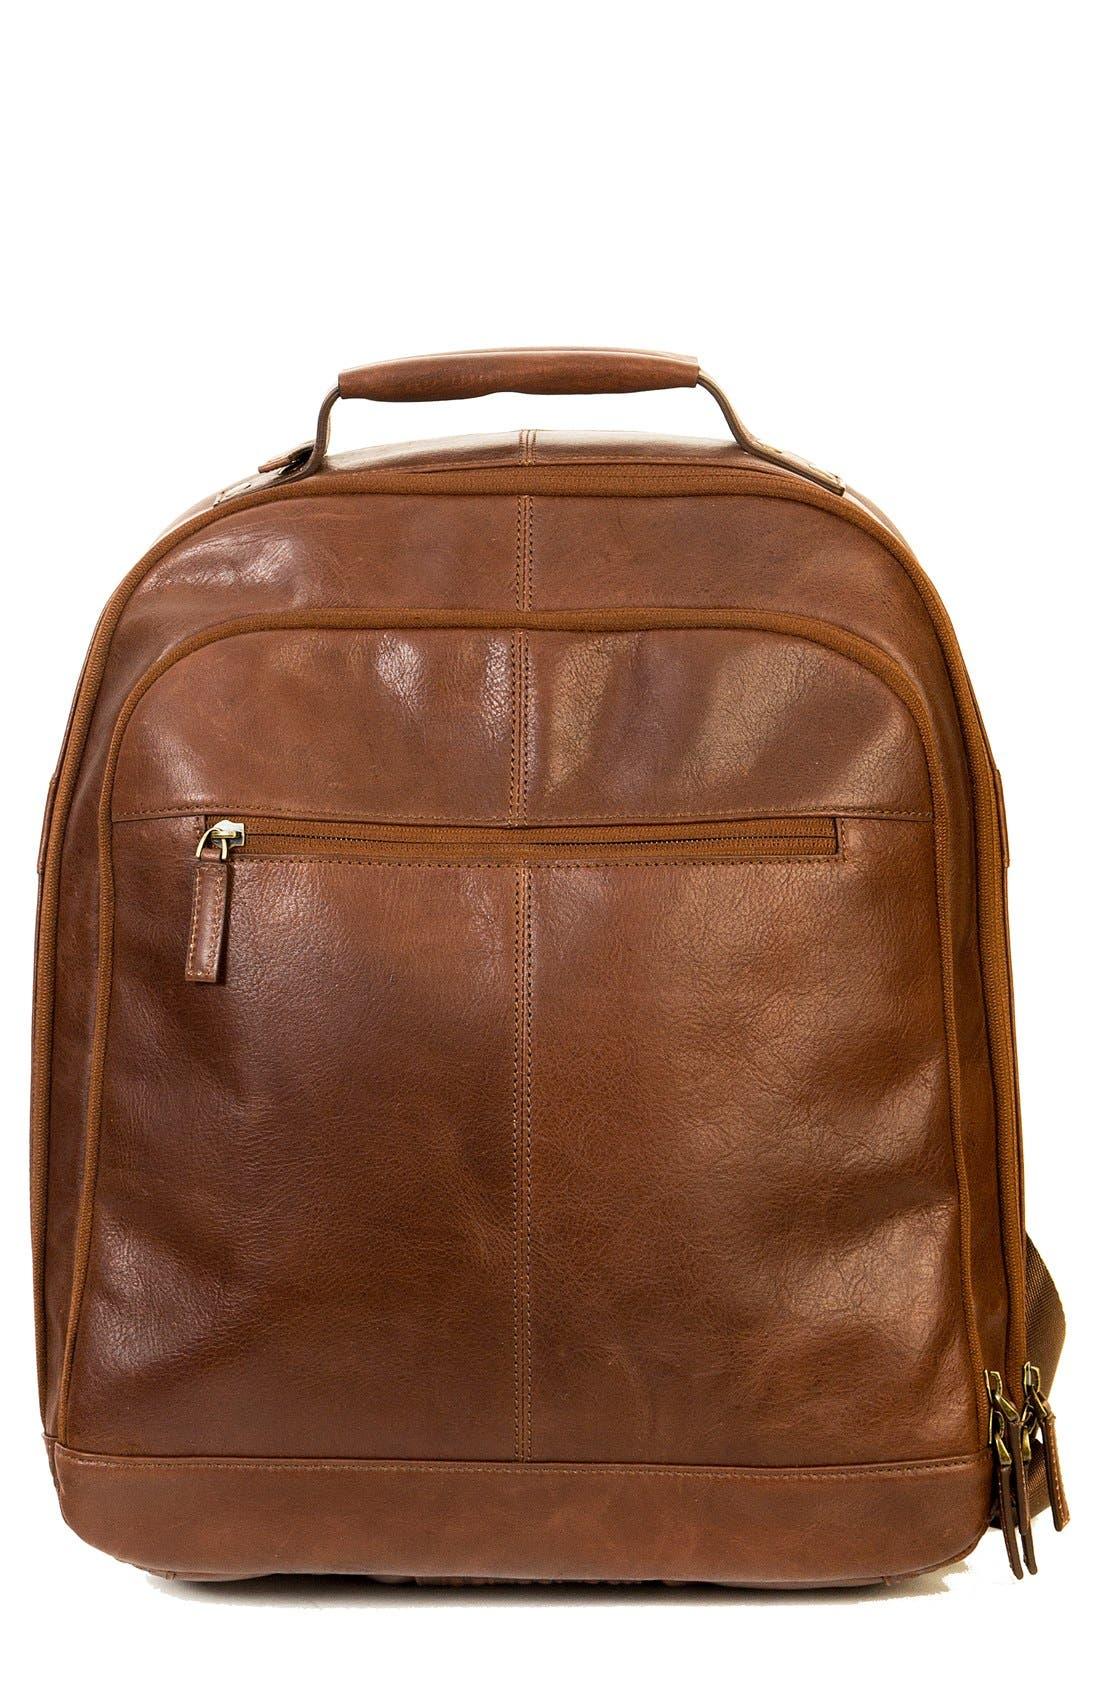 Boconi 'Becker' Leather Backpack